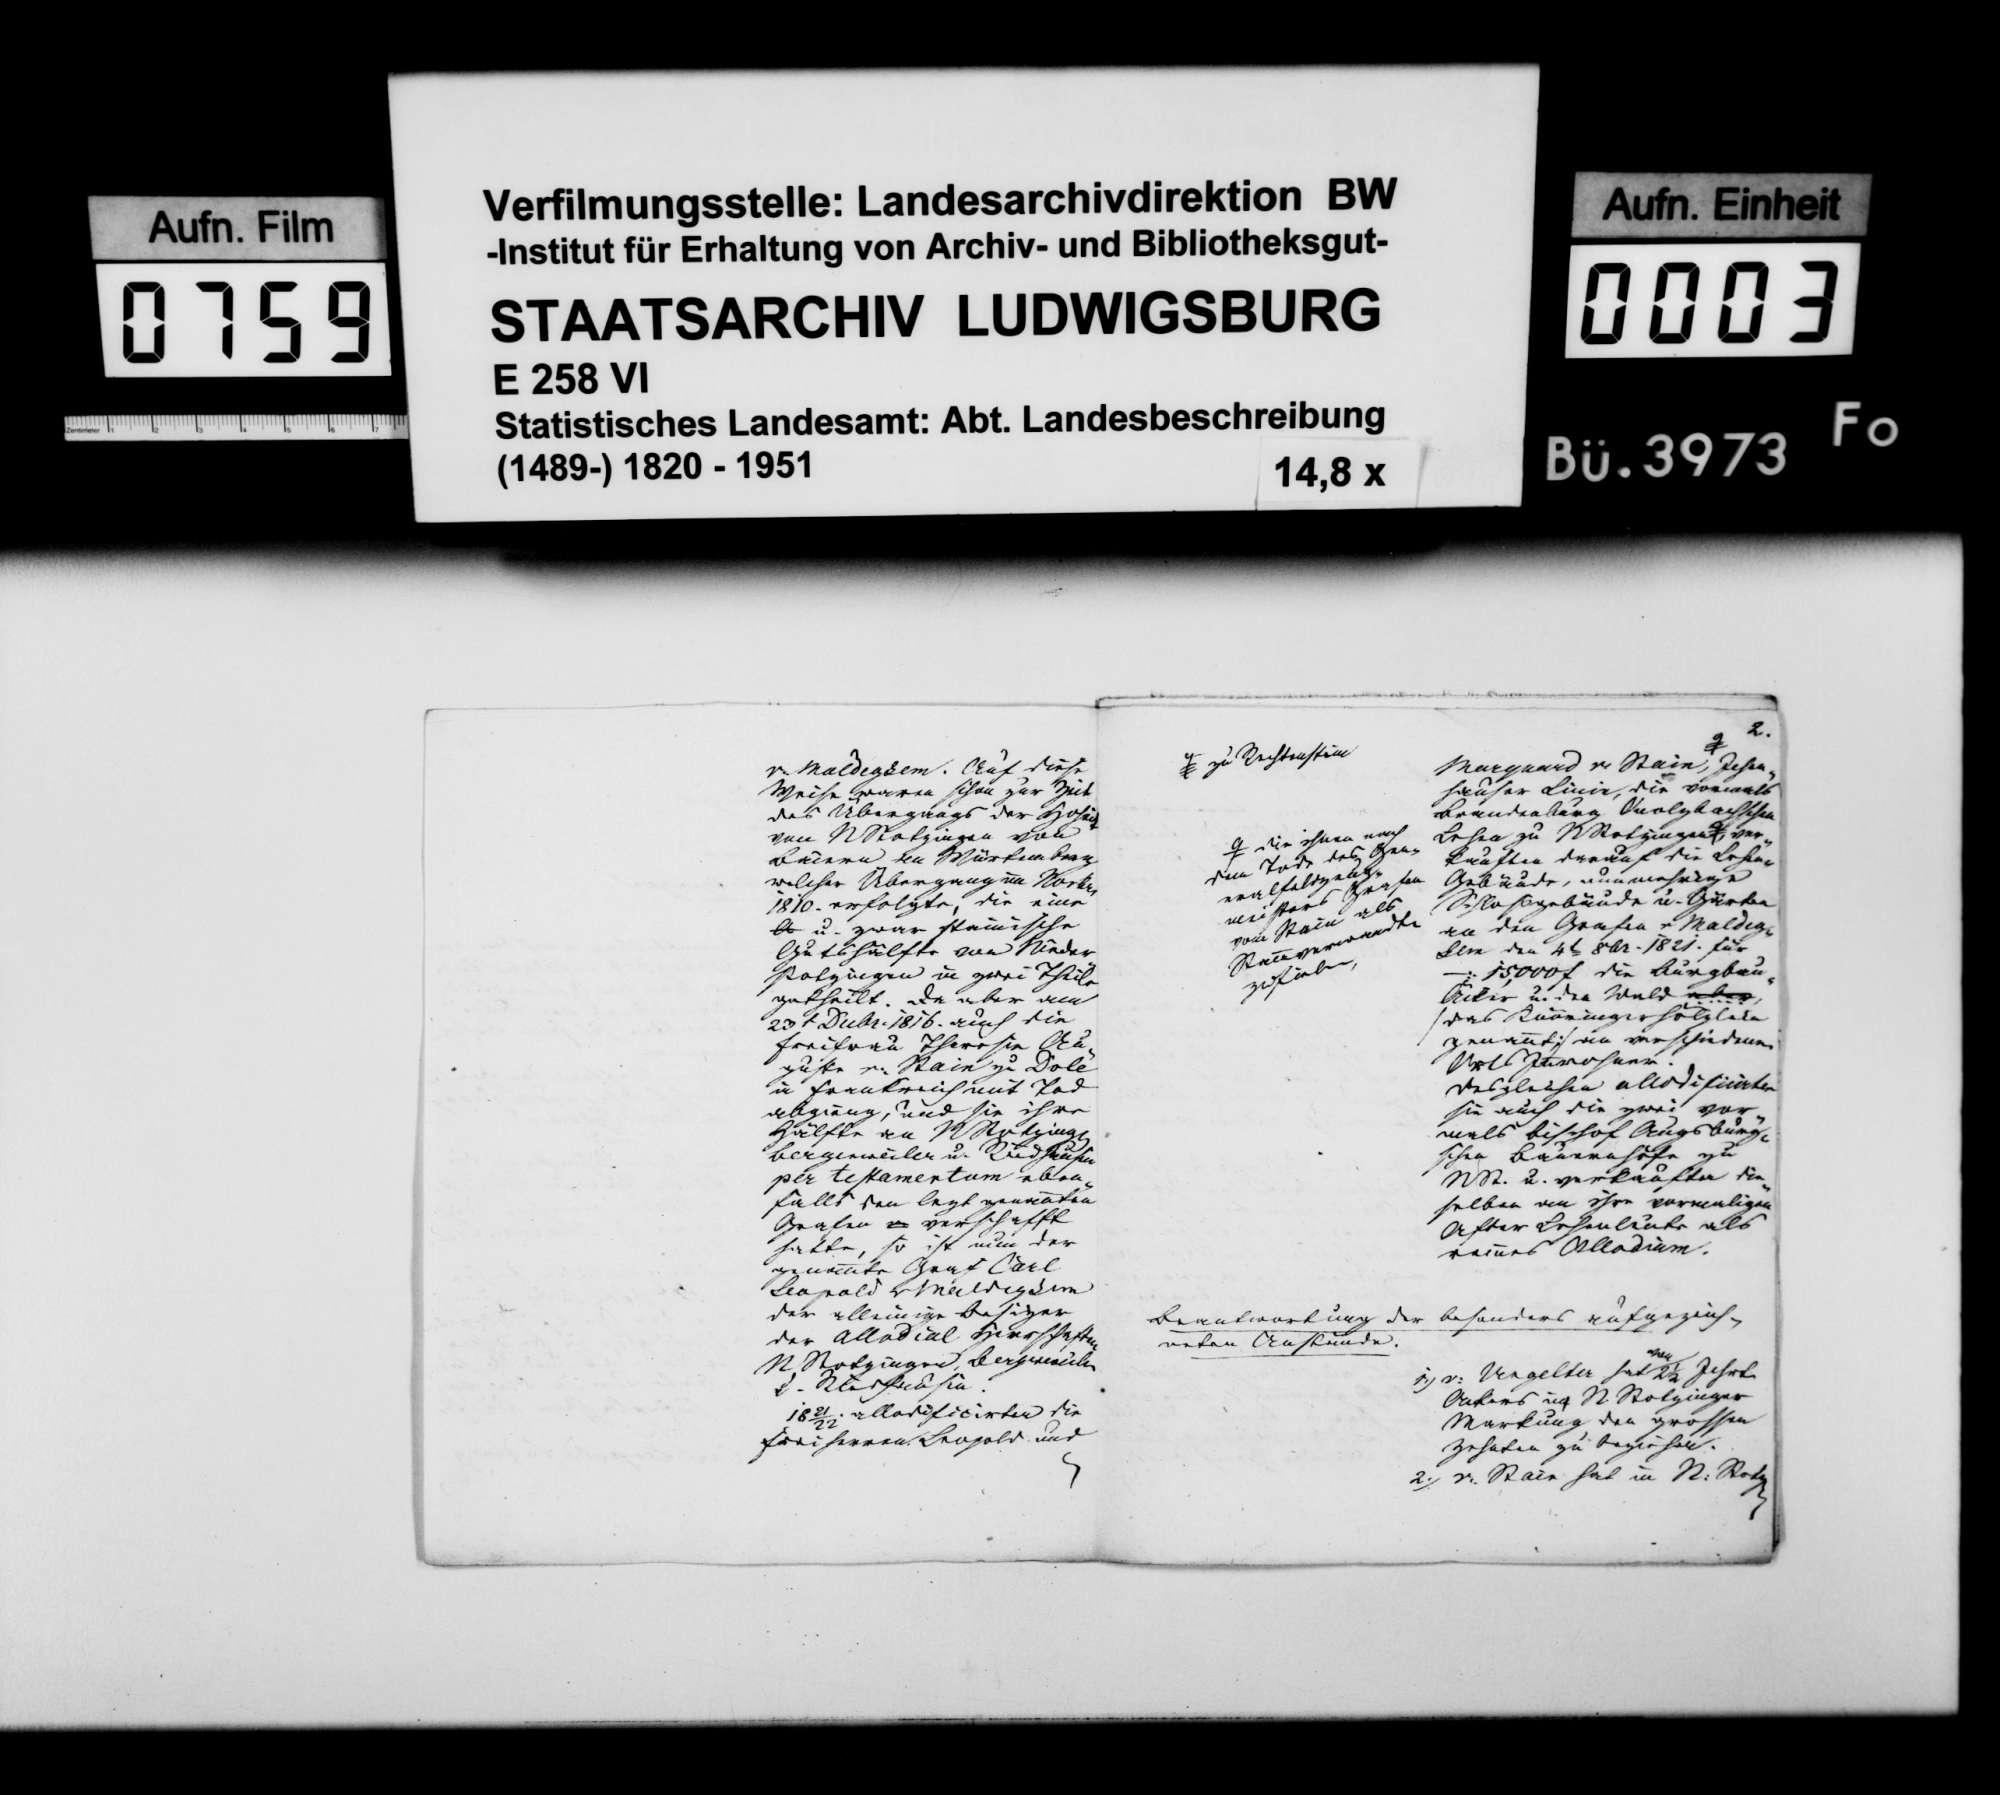 Korrekturen und Nachträge des Rentamtmanns Keller aus Niederstotzingen zum Manuskript der Ortsbeschreibung von Ober- und Niederstotzingen, Bild 2